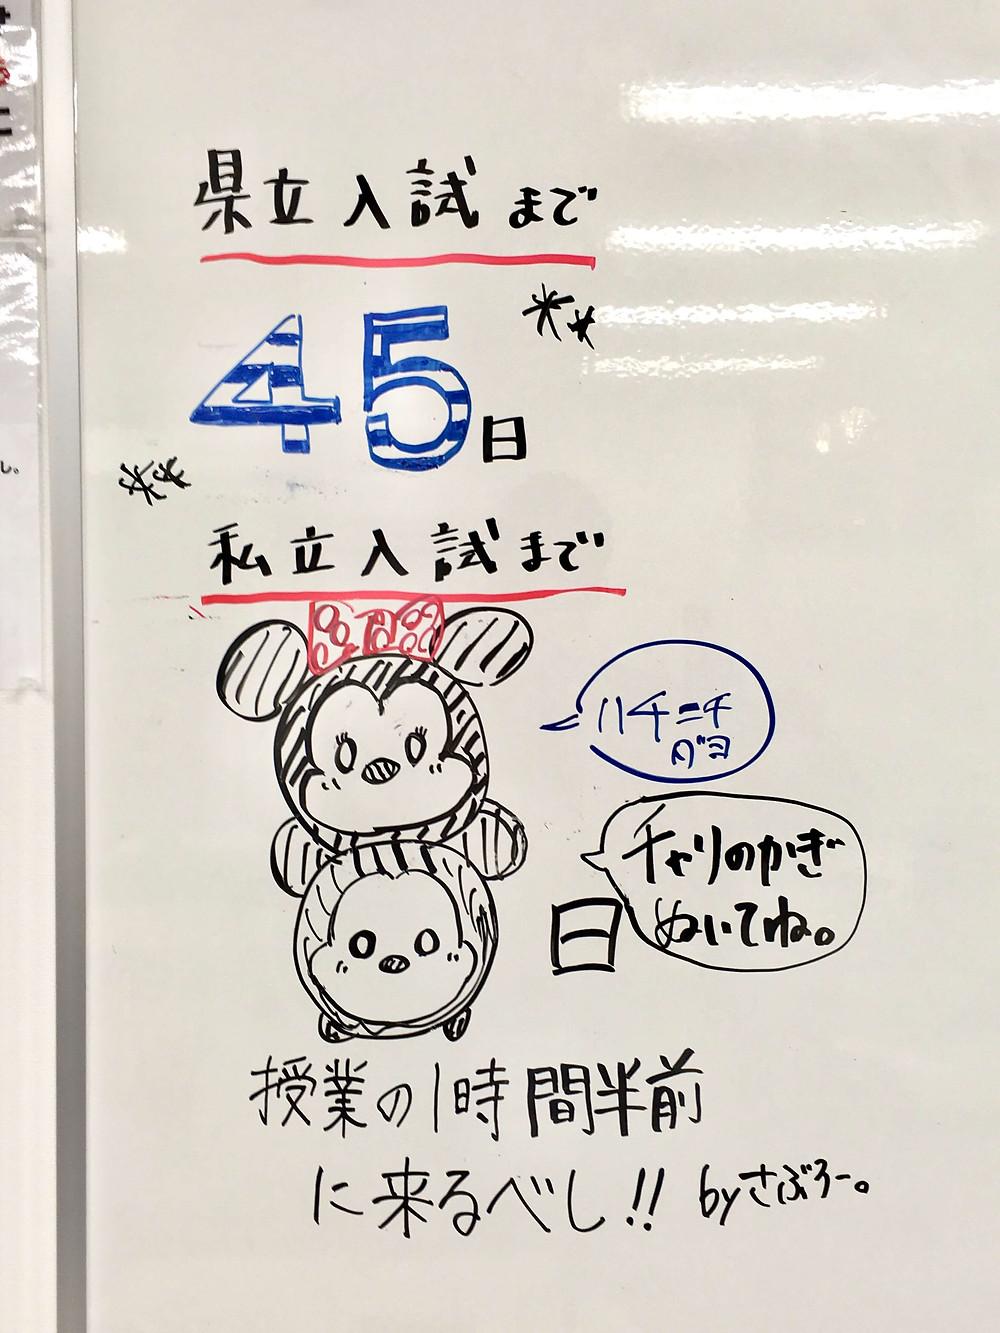 浦和美園 学習塾 CLOVER 高校入試